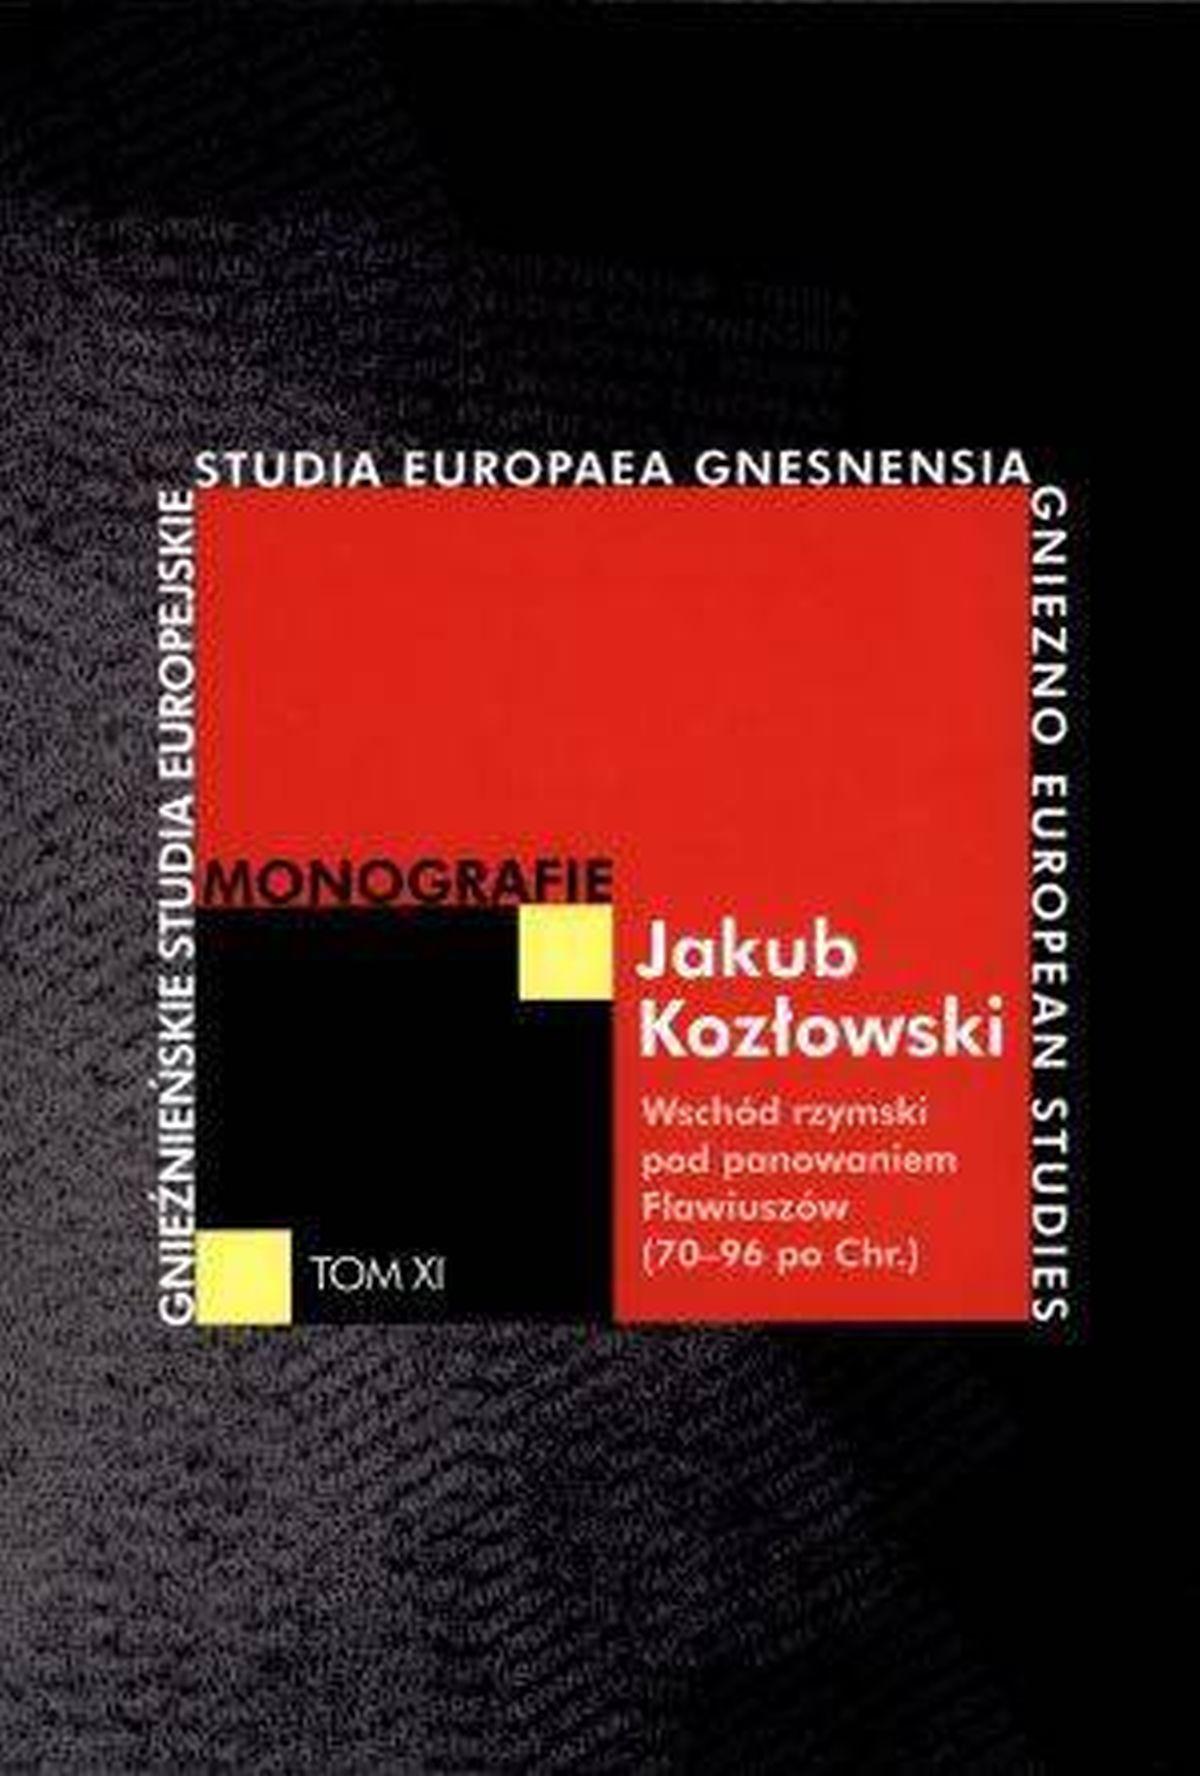 Wschód rzymski pod panowaniem Flawiuszów 70-96 po Chr. Gnieźnieńskie Studia Europejskie. Monografie. Tom XI